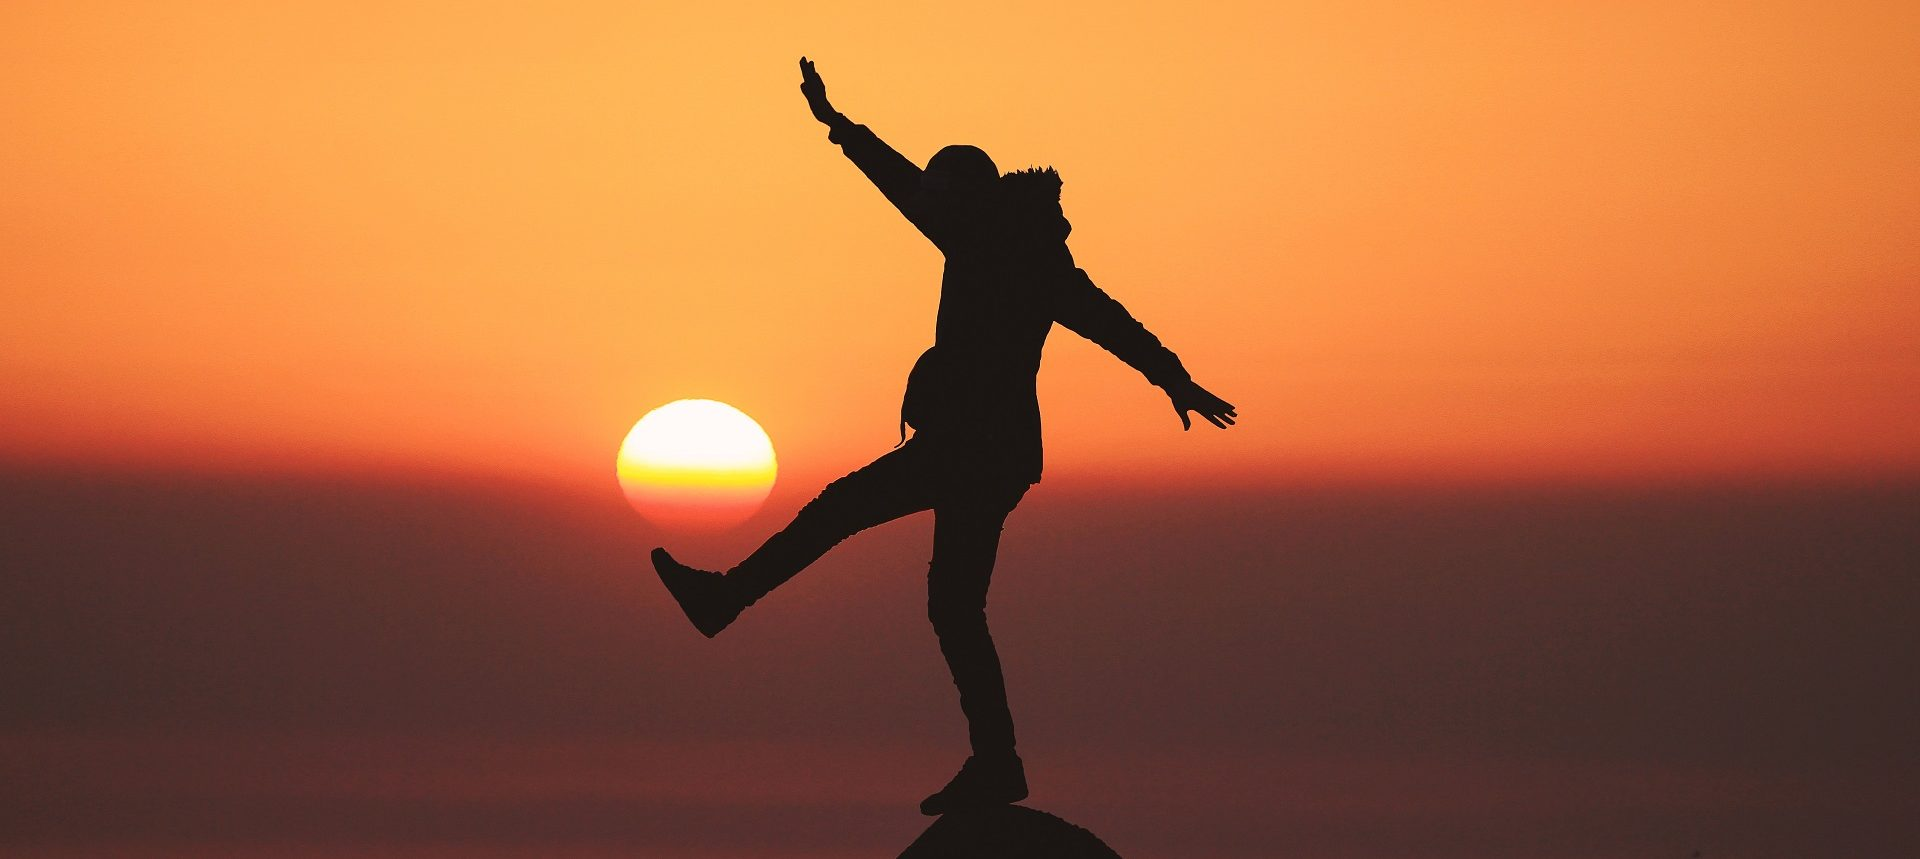 balans między pracą a życiem, balans życie praca, balans pomiędzy życiem osobistym a pracą, jak utrzymać balans między pracą a życiem, po co utrzymywać balans między pracą a życiem, dlaczego warto utrzymywać balans między pracą a życiem, praca i życie w balansie